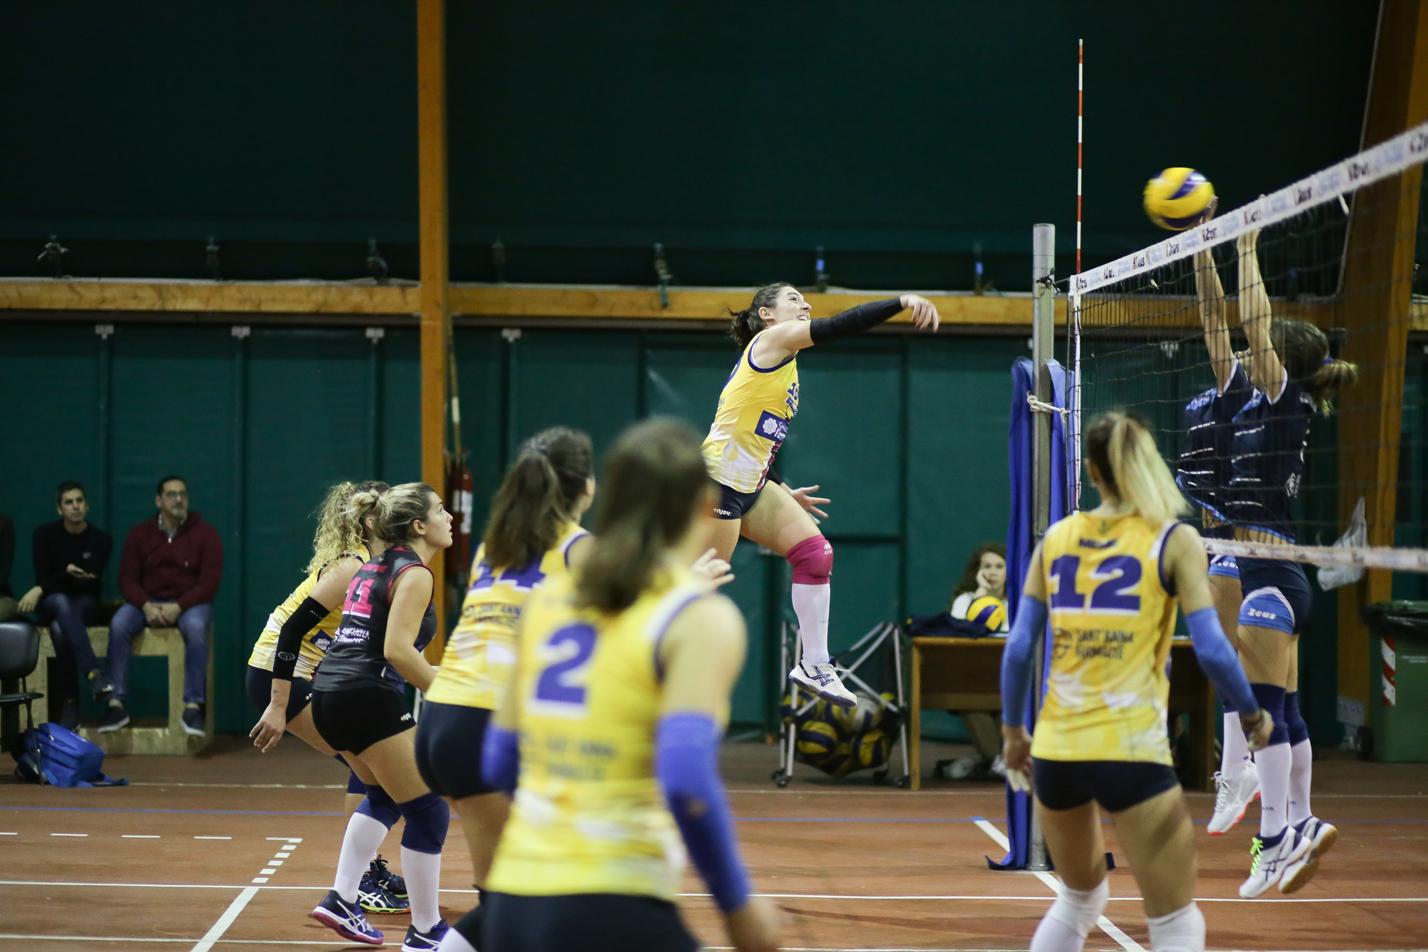 Tris del Volley Bellizzi: battuto il Volalto San Nicola